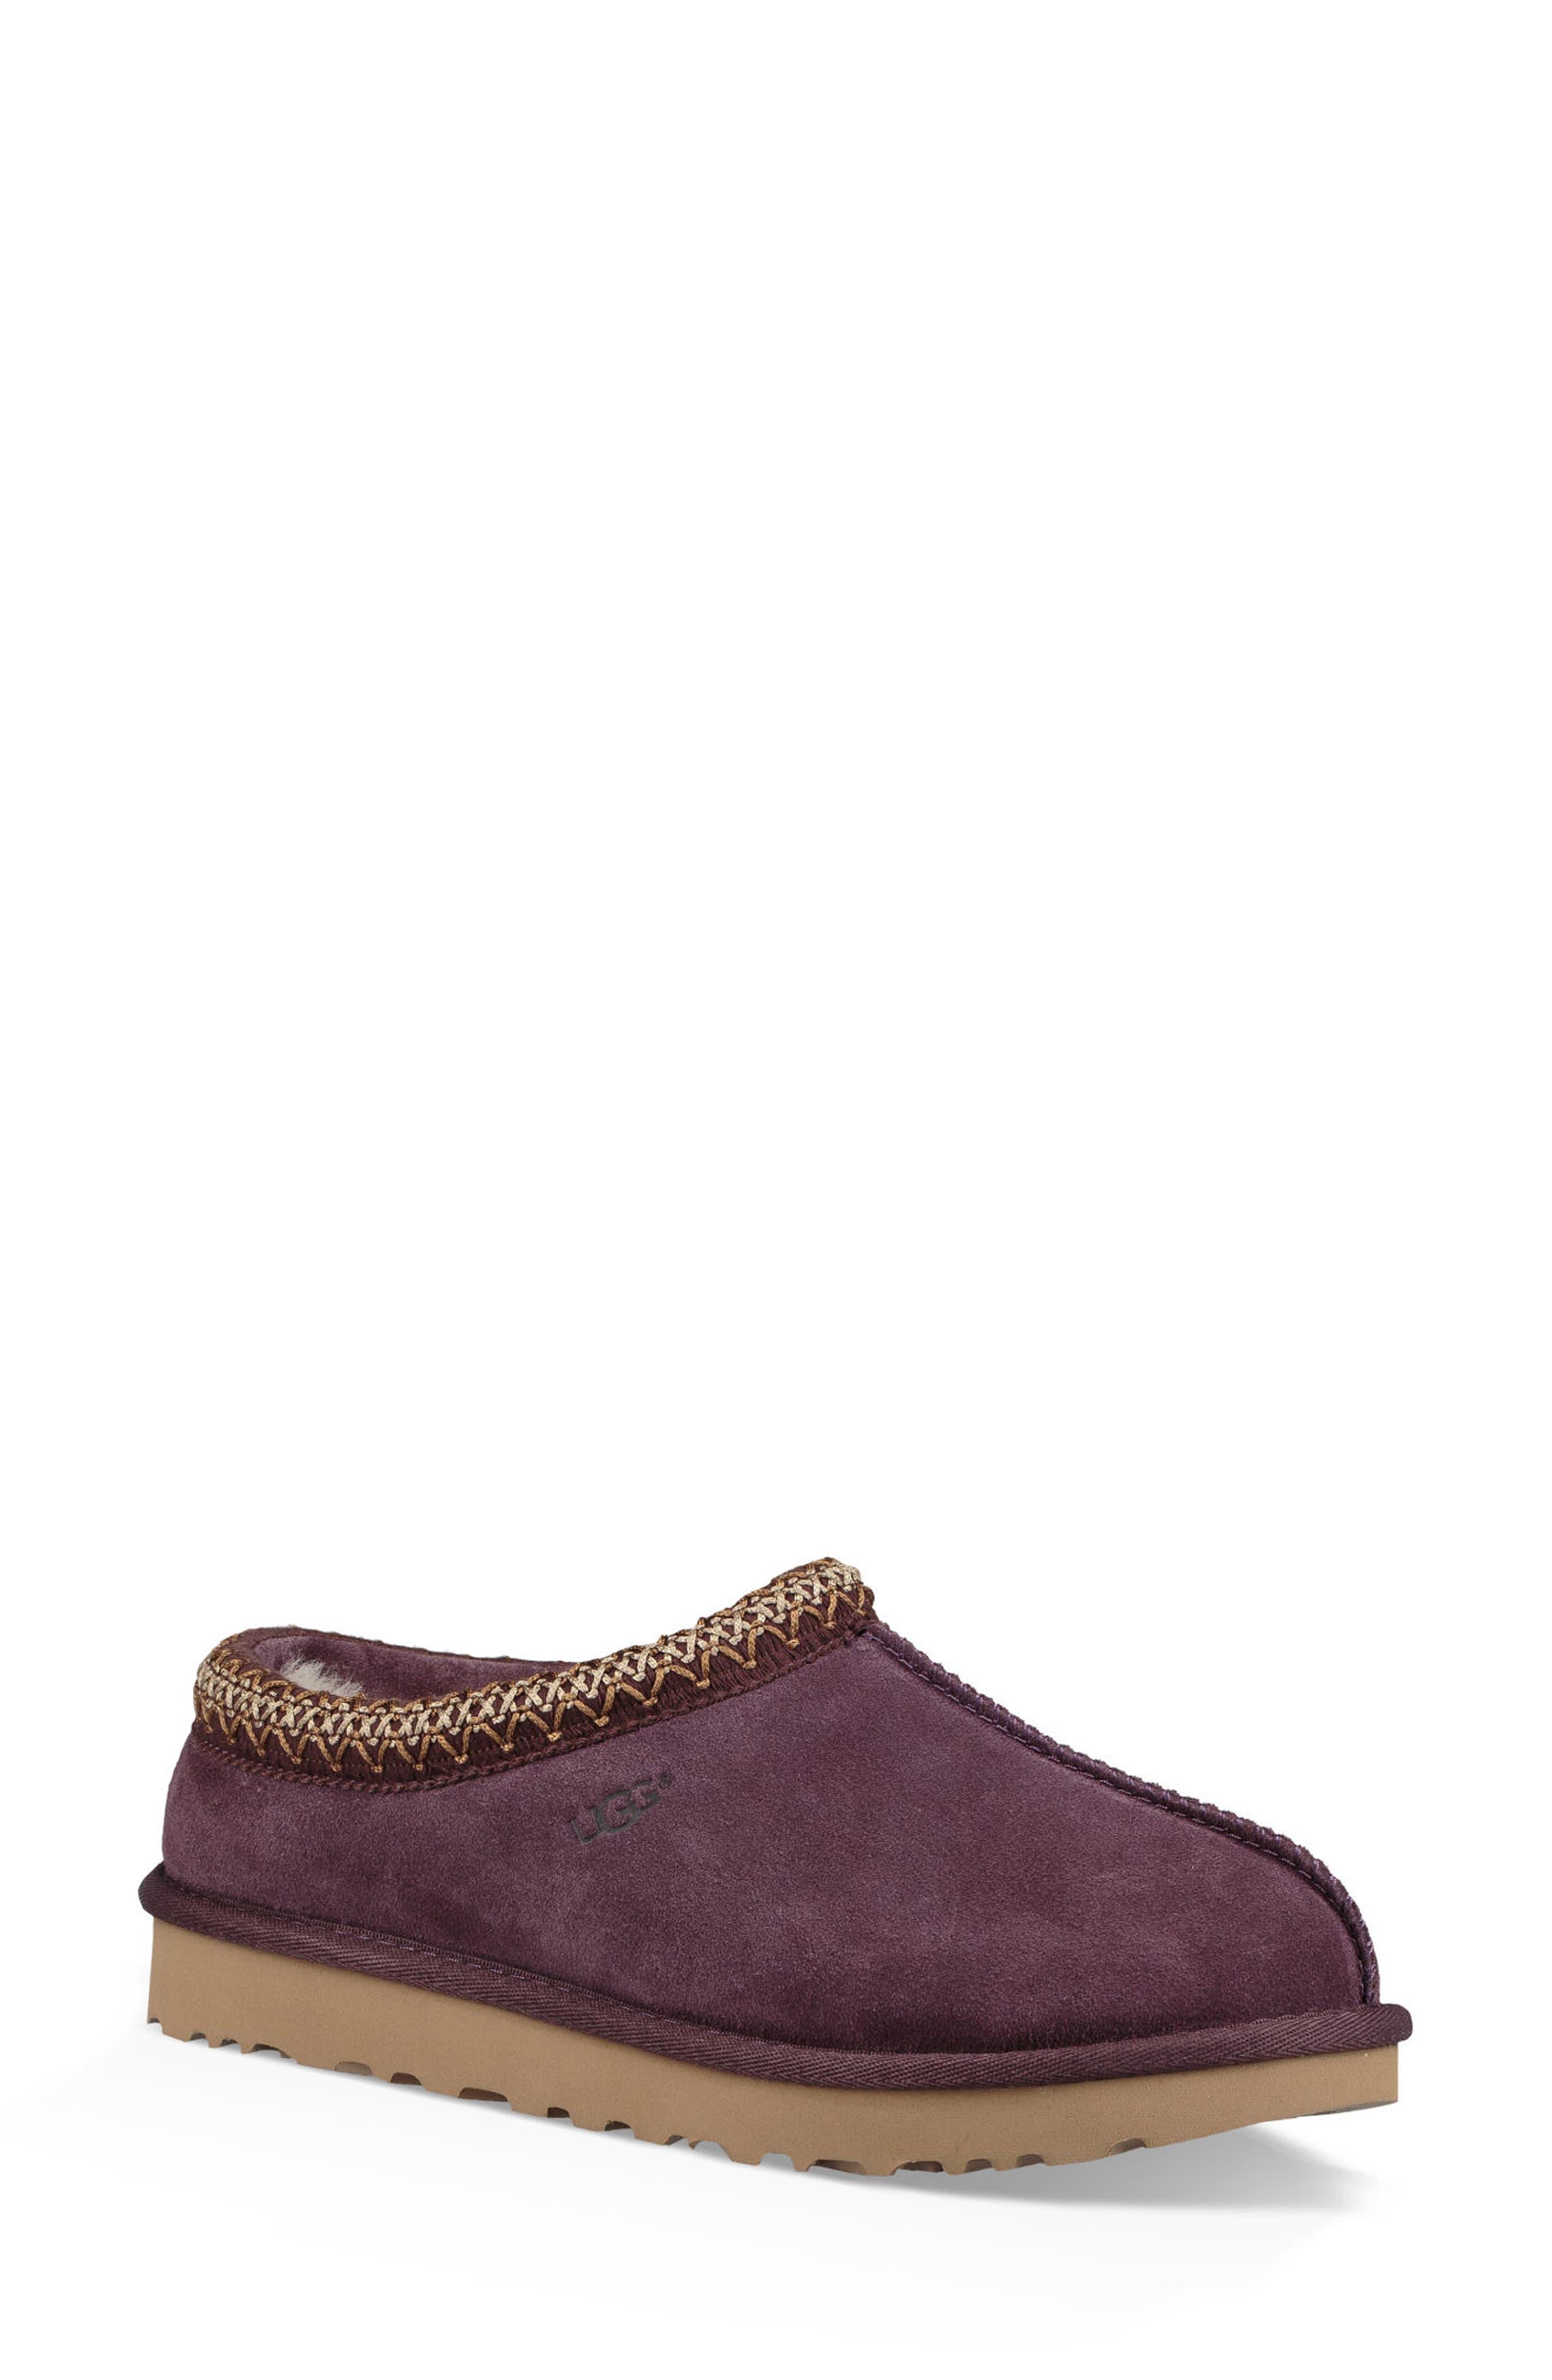 'Tasman' Slipper,                             Main thumbnail 1, color,                             Port Leather